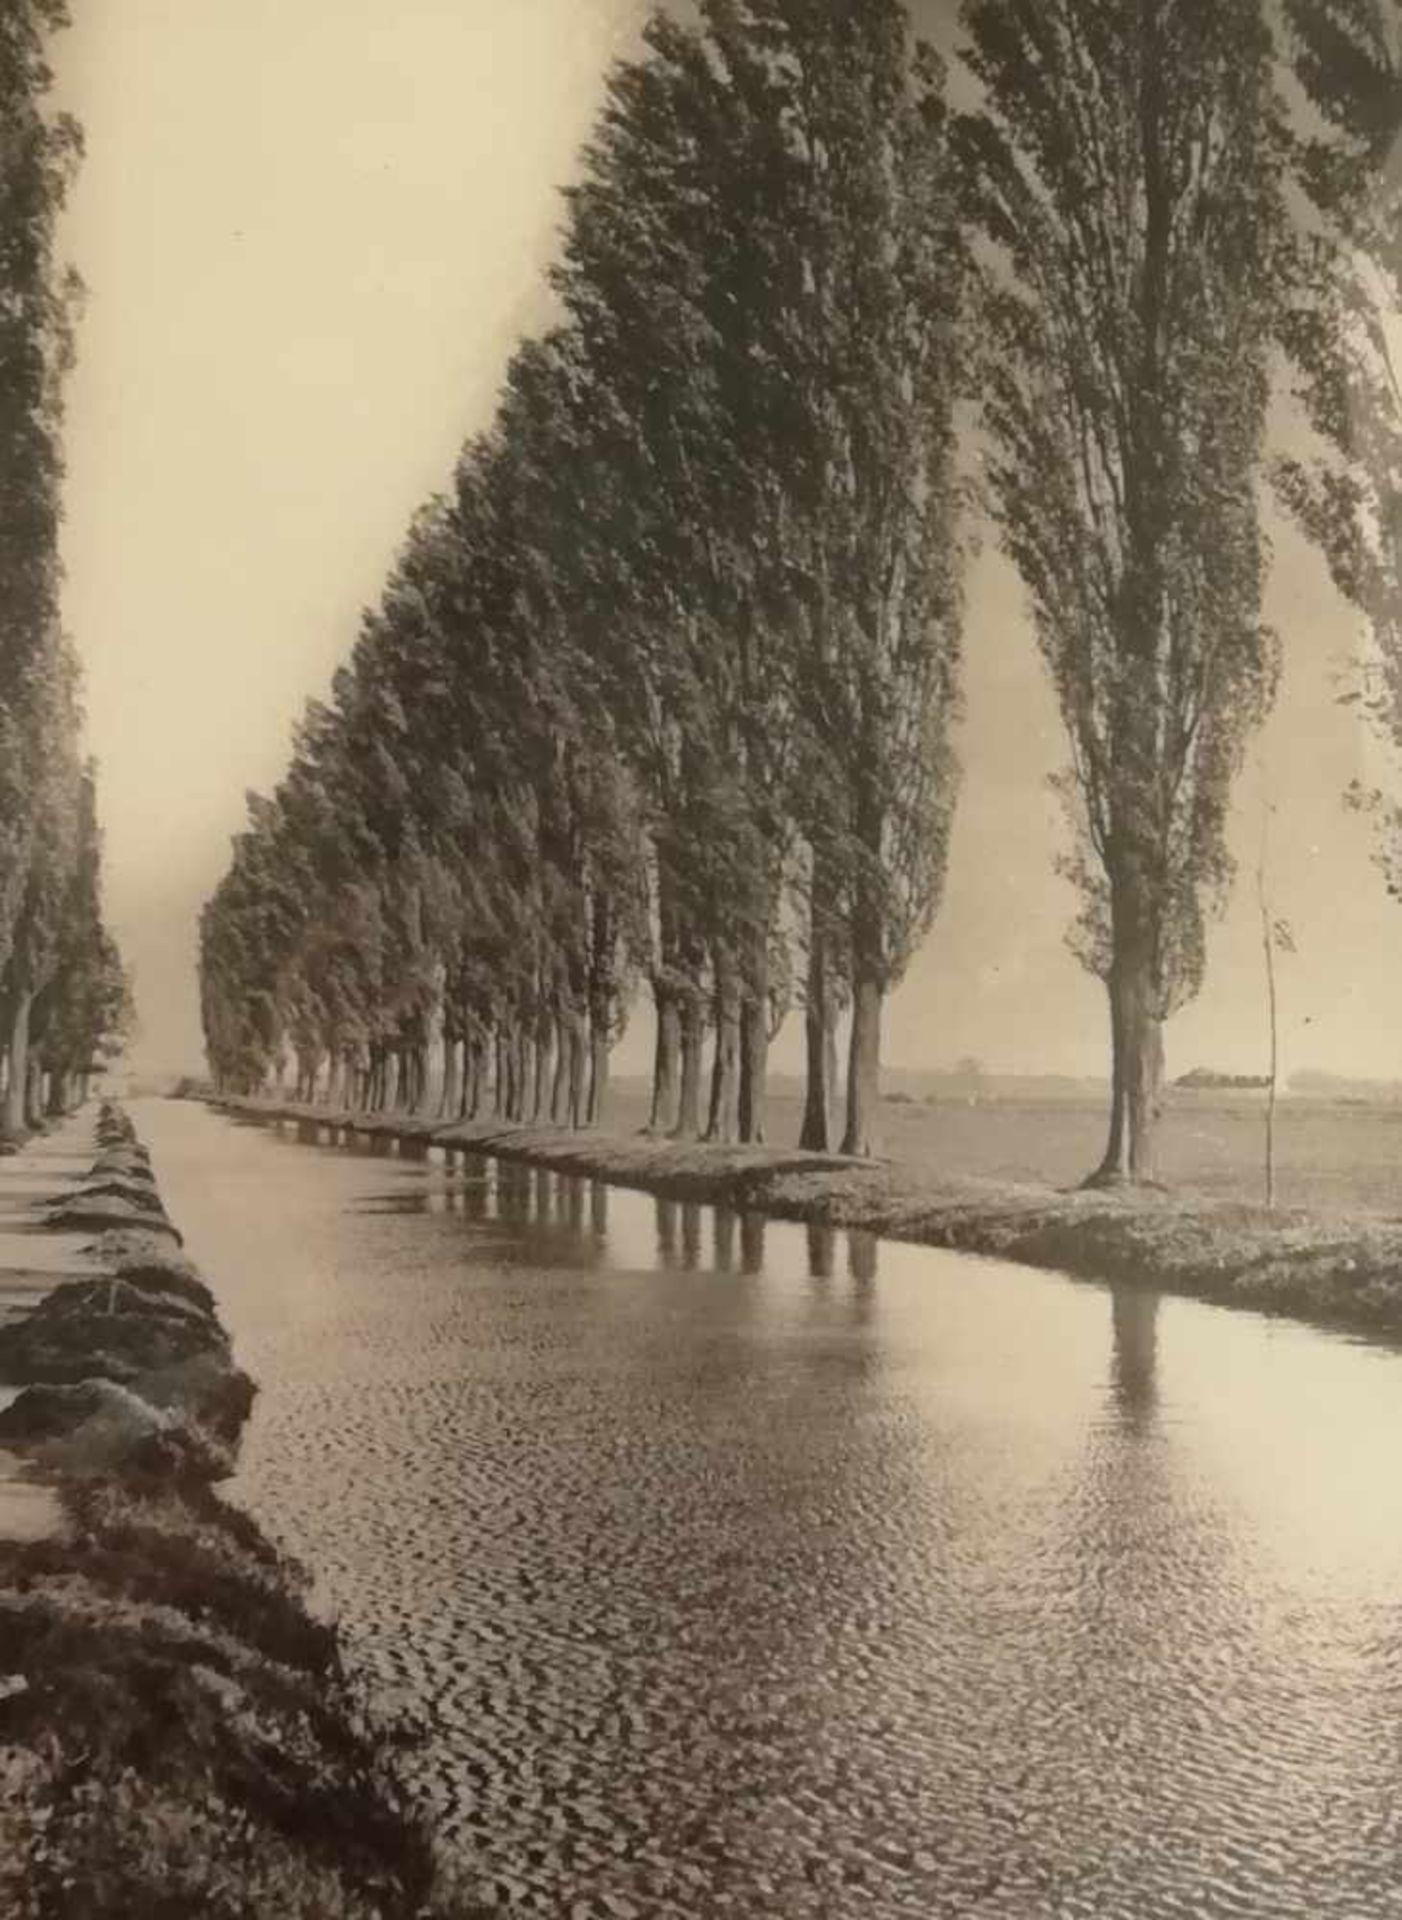 FotografieWiener Neustädter Kanal, 37,5x38,5 cm, in Passepartout, verglast, gerahmt;